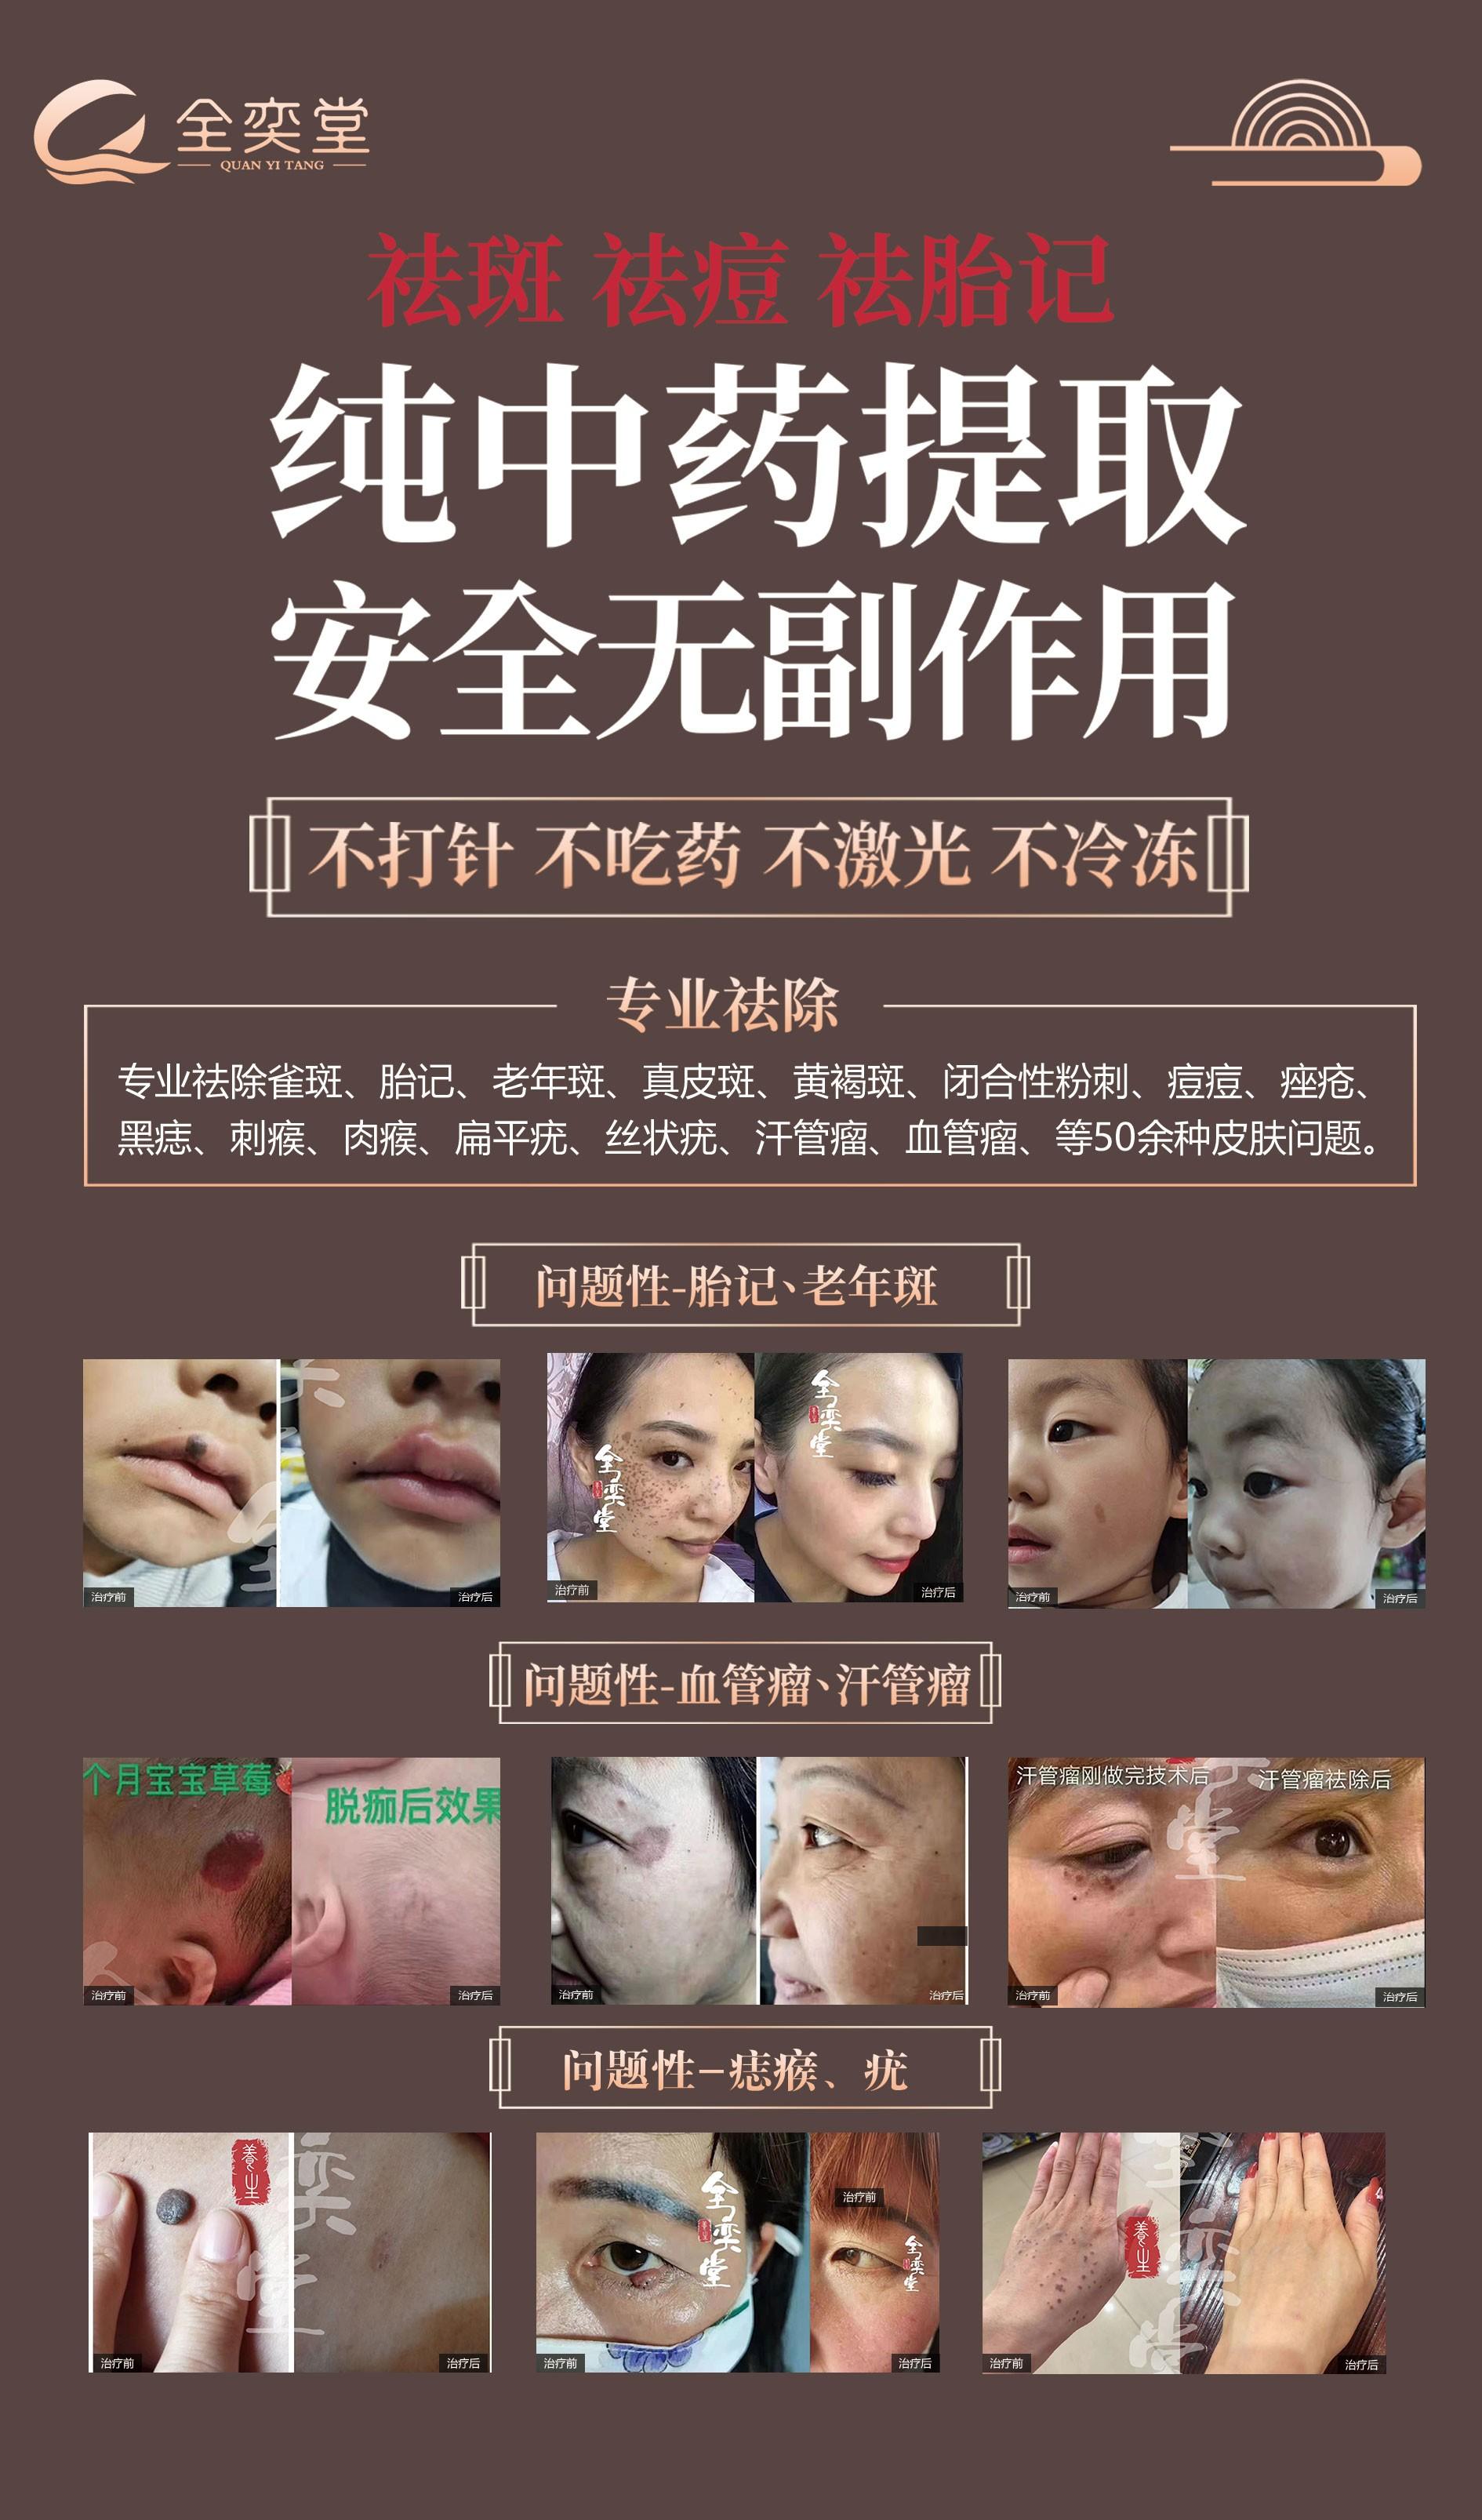 全奕堂——中医与科技结合的皮肤修复品牌